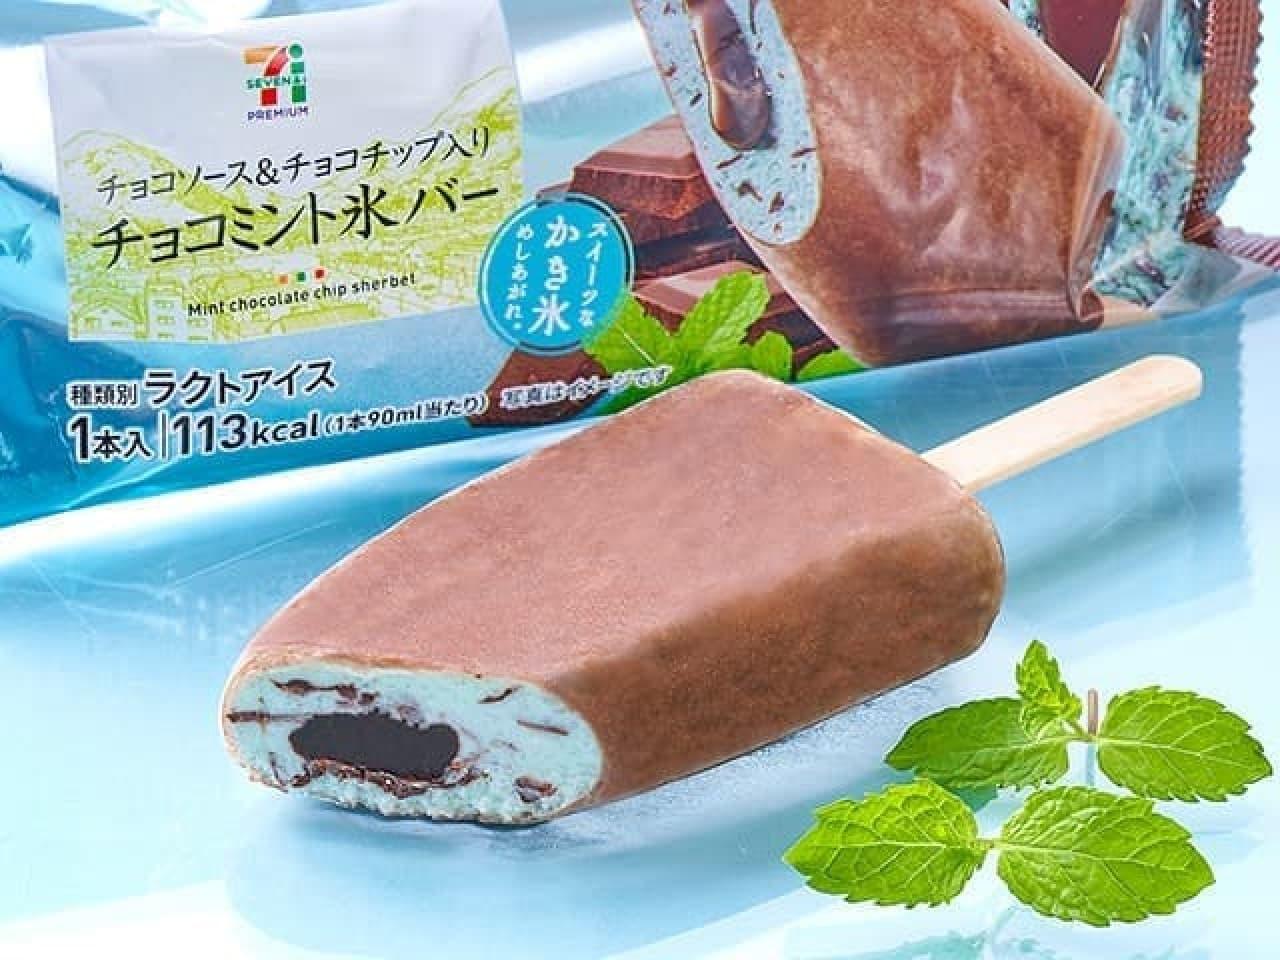 セブン-イレブン「チョコミント氷バー」